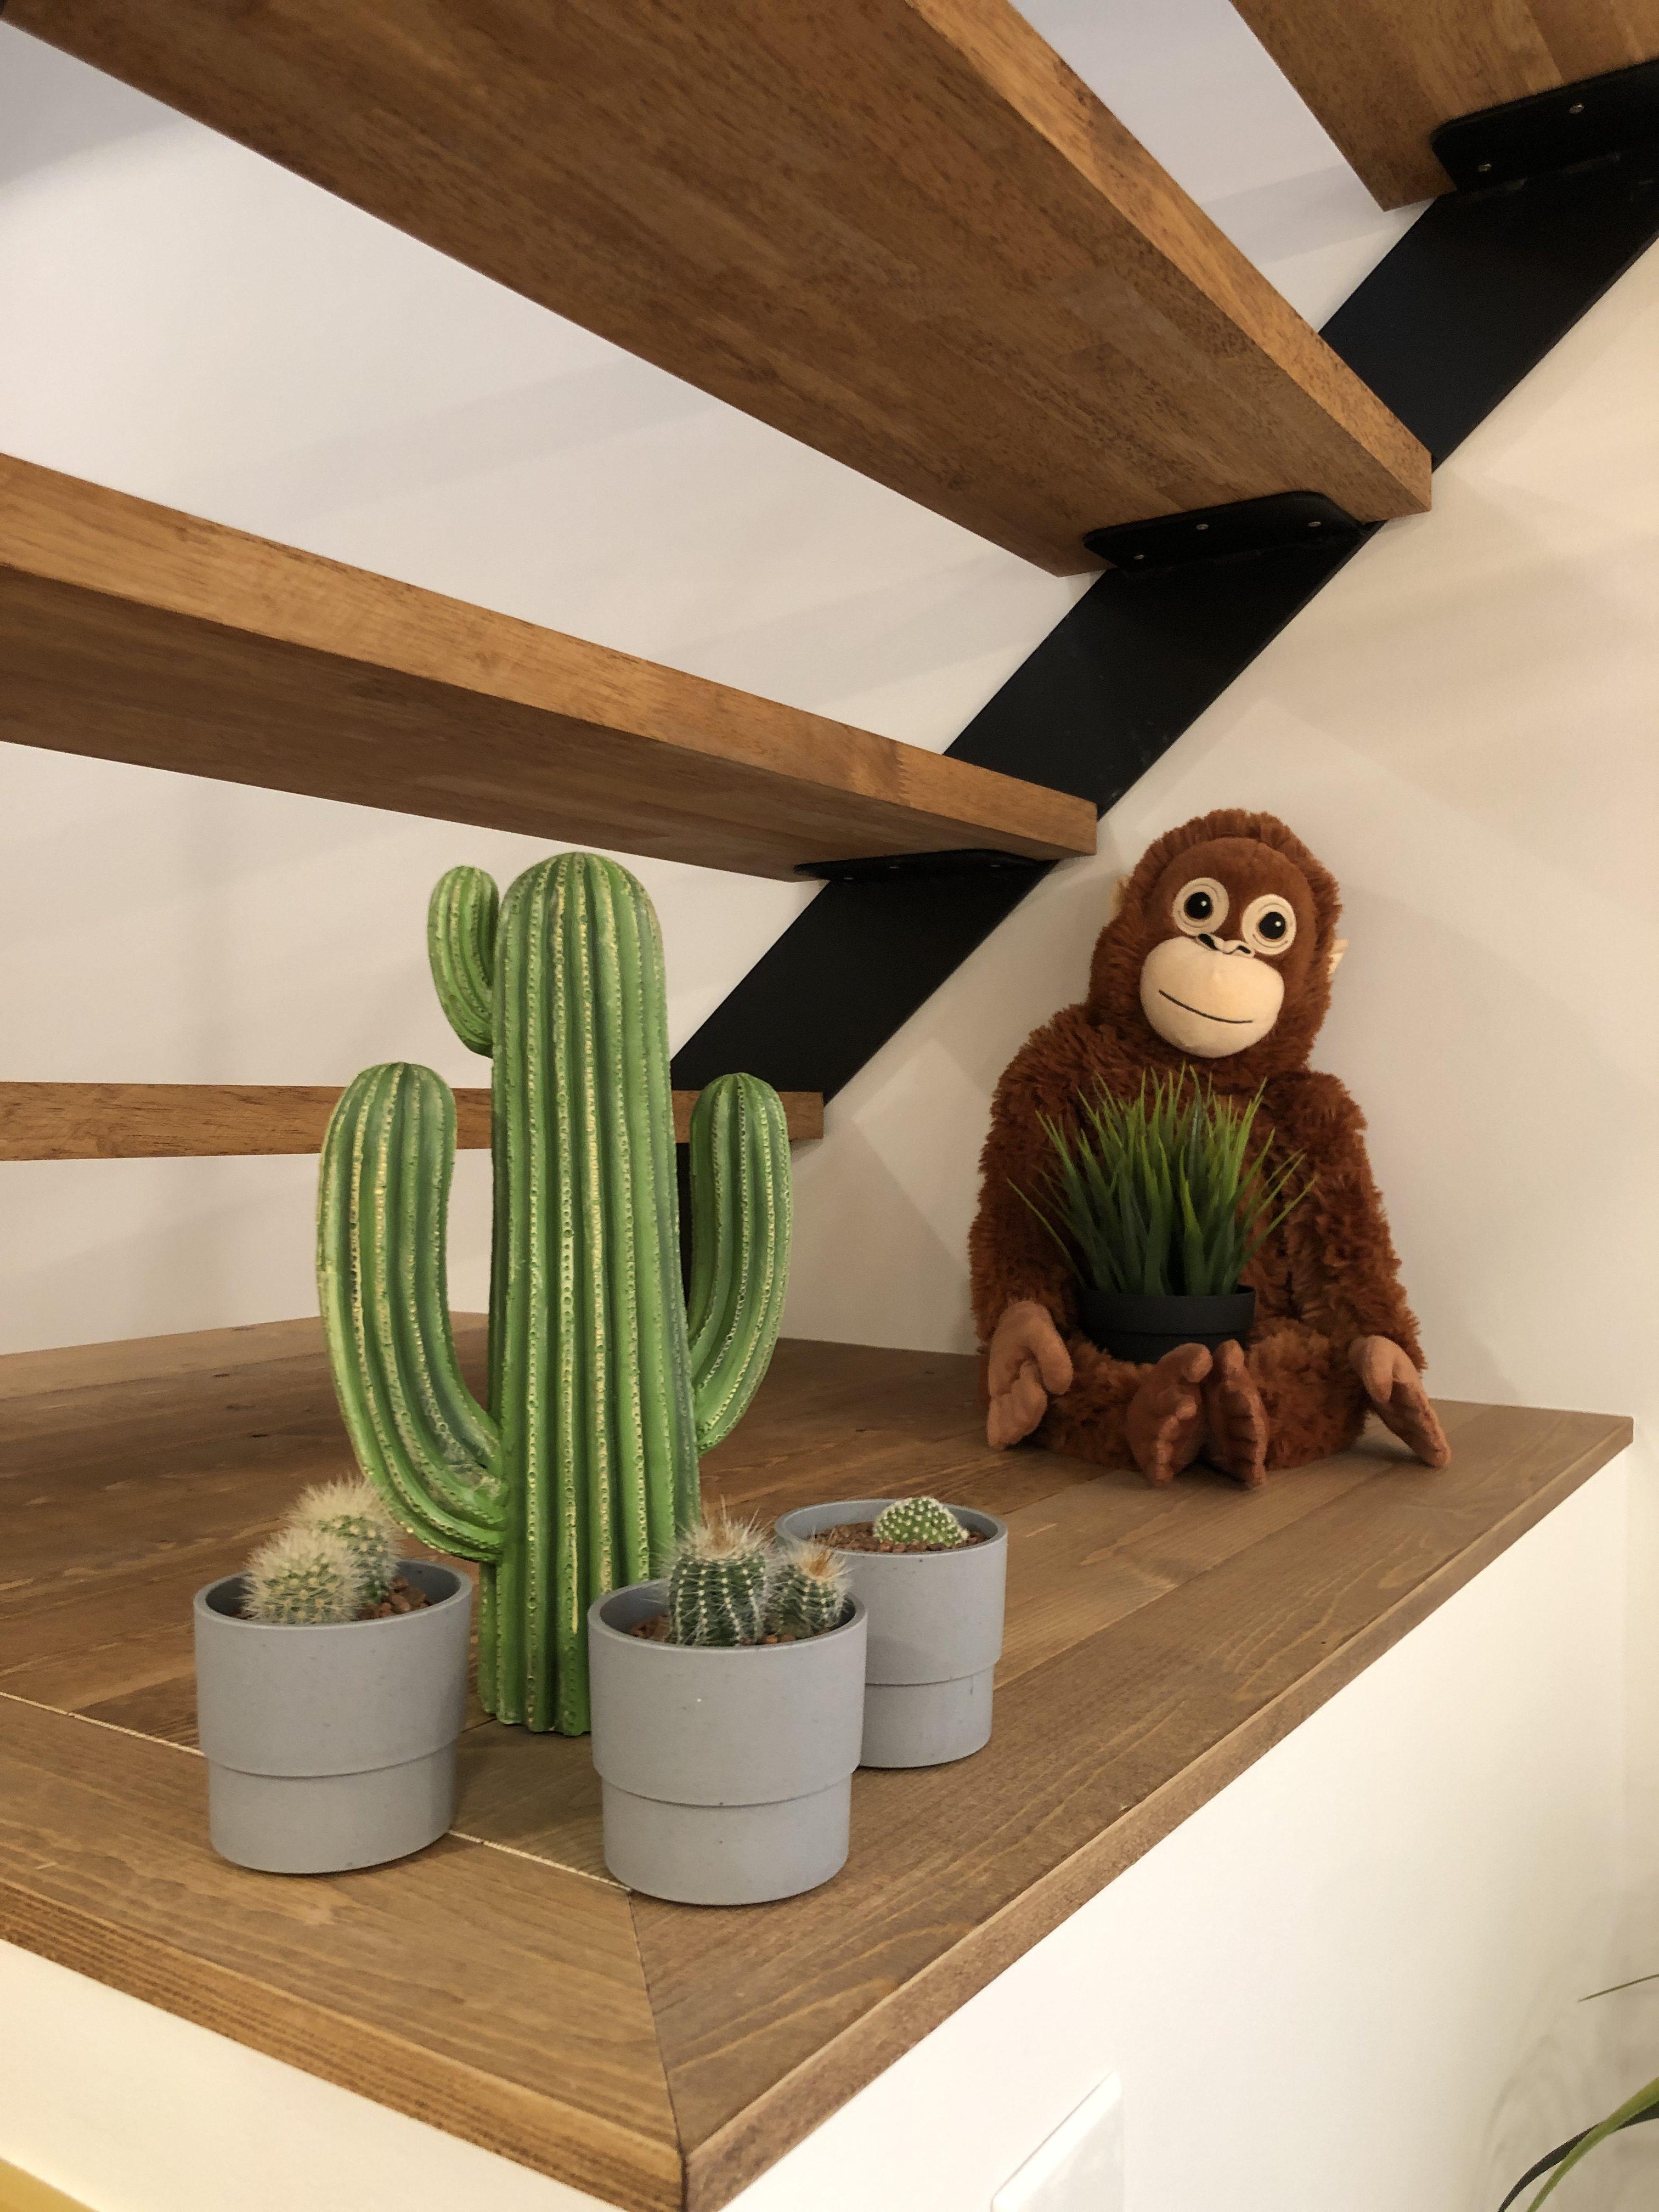 山梨県の工務店、未来建築工房とつくる注文住宅。|カフェスタイルの家とチンパンジーとサボテン